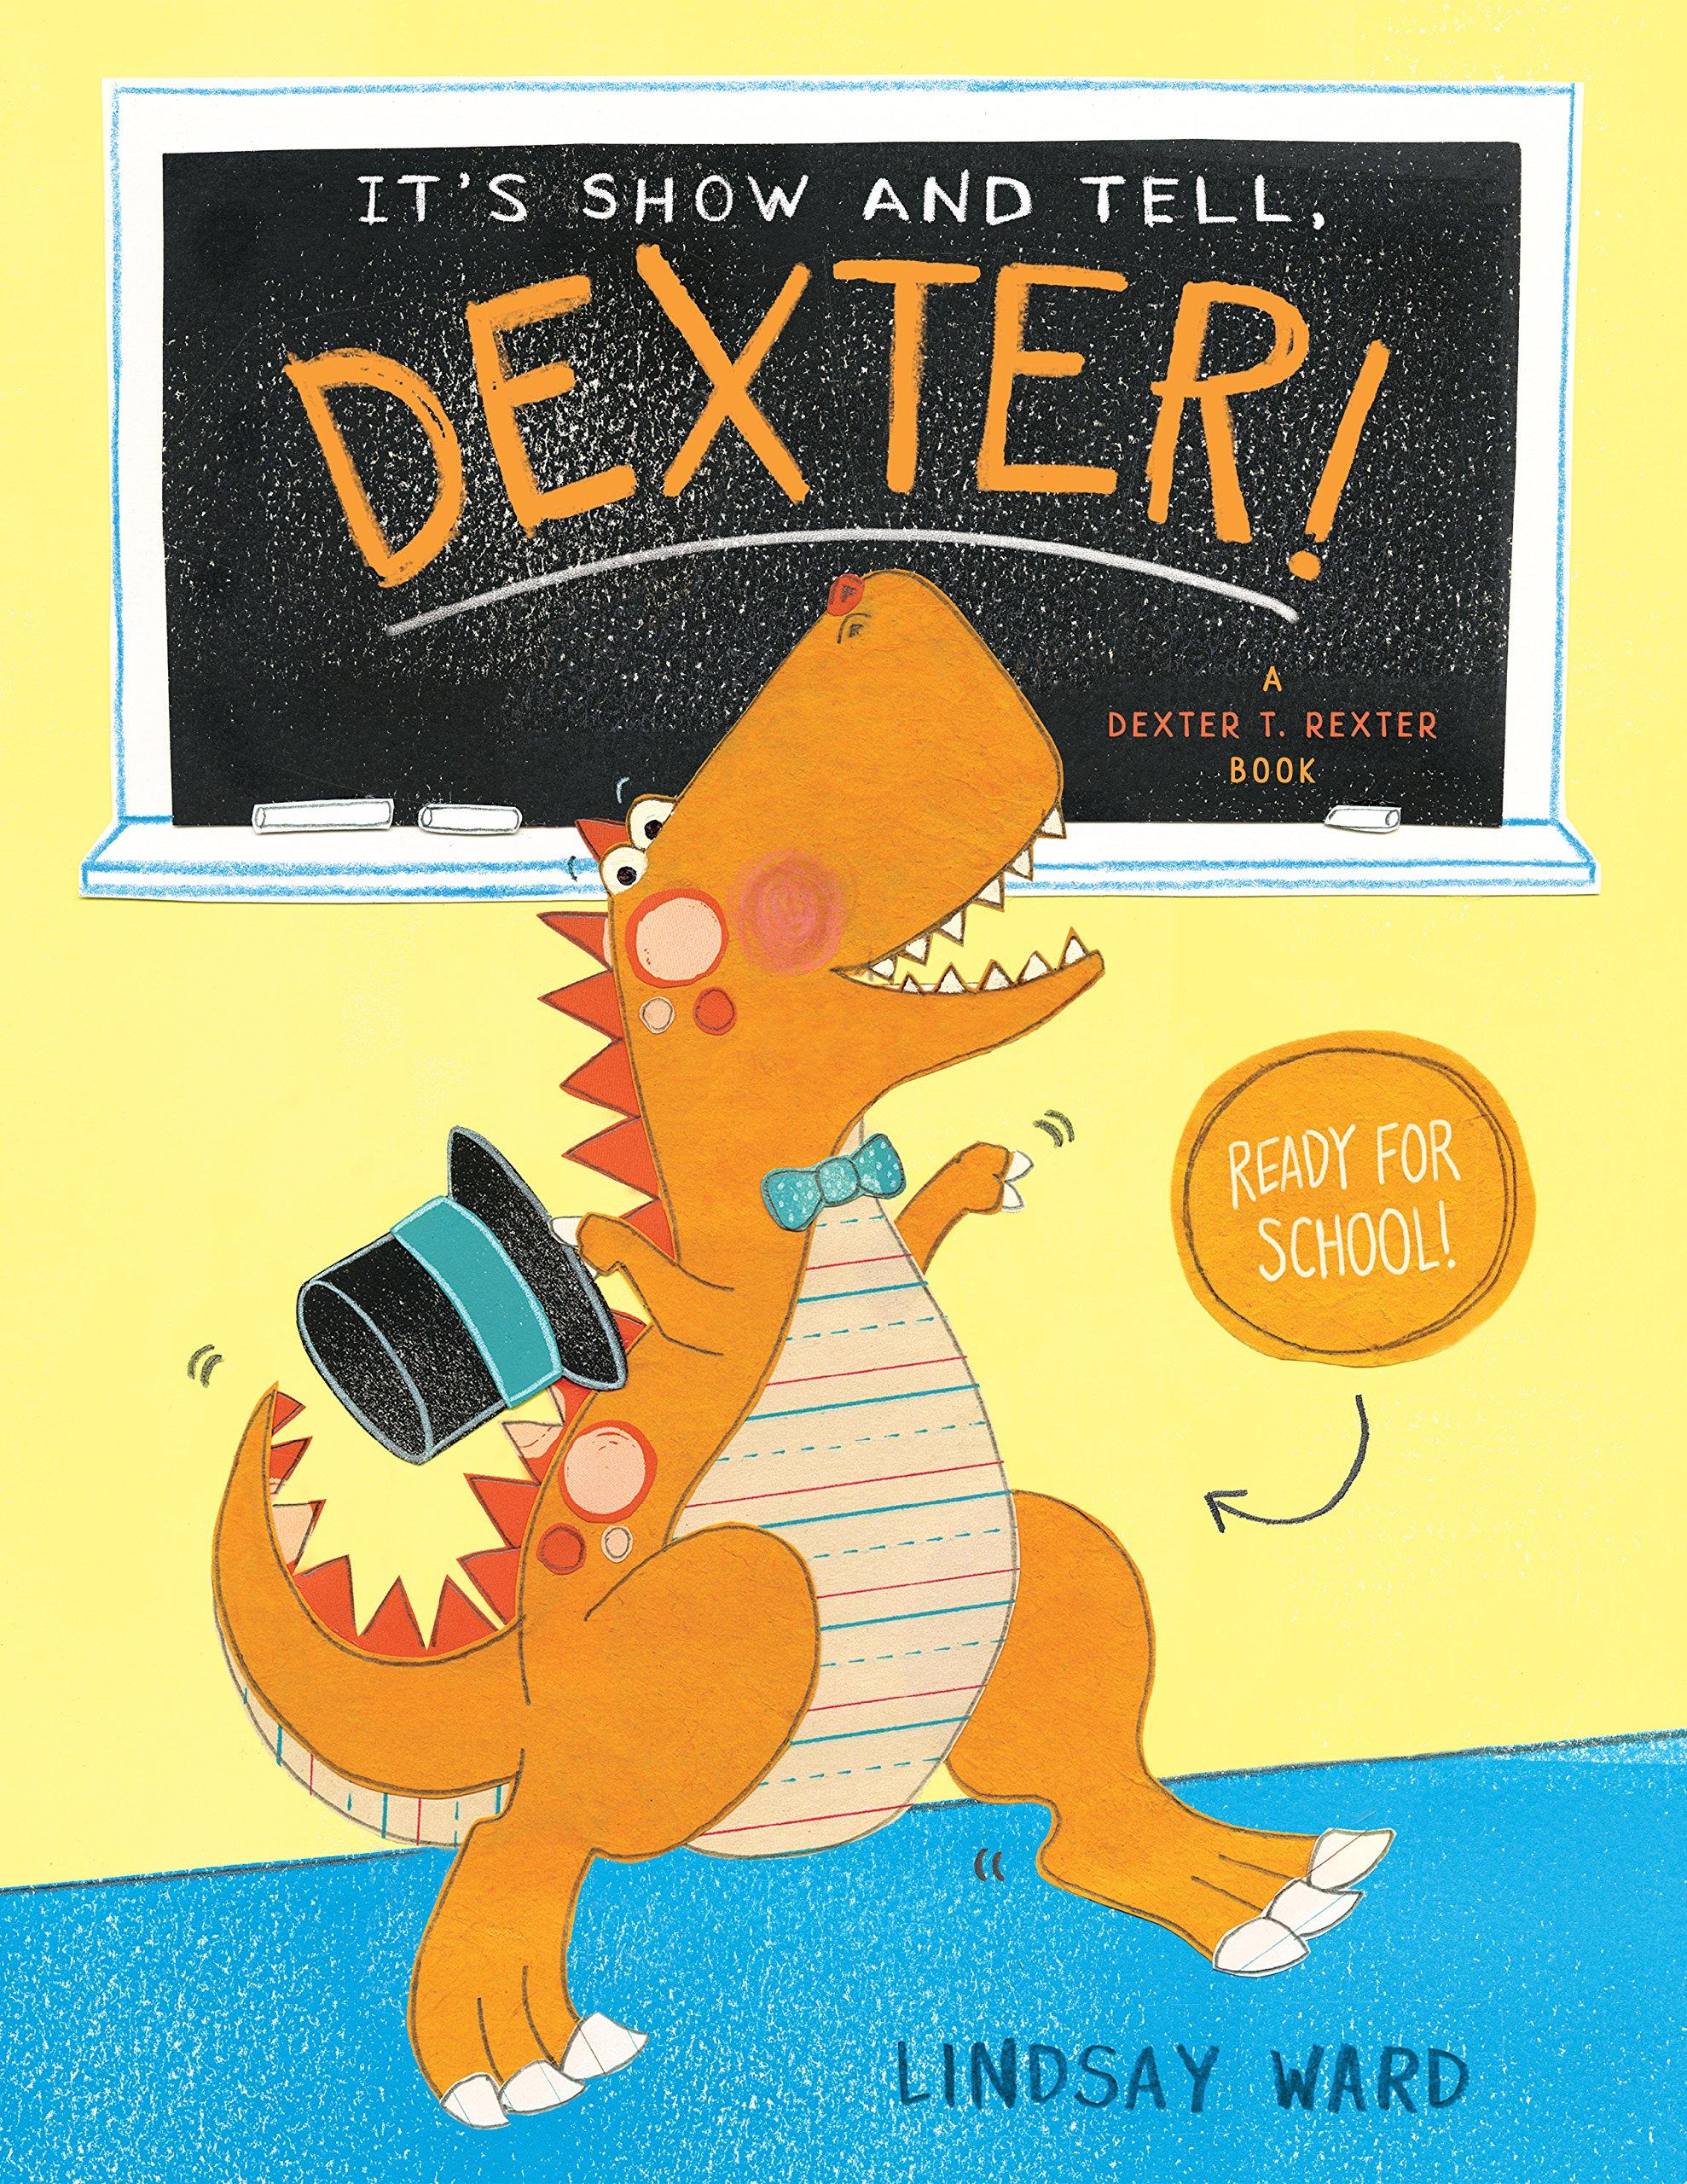 It's Show and Tell, Dexter! (Dexter T. Rexter)